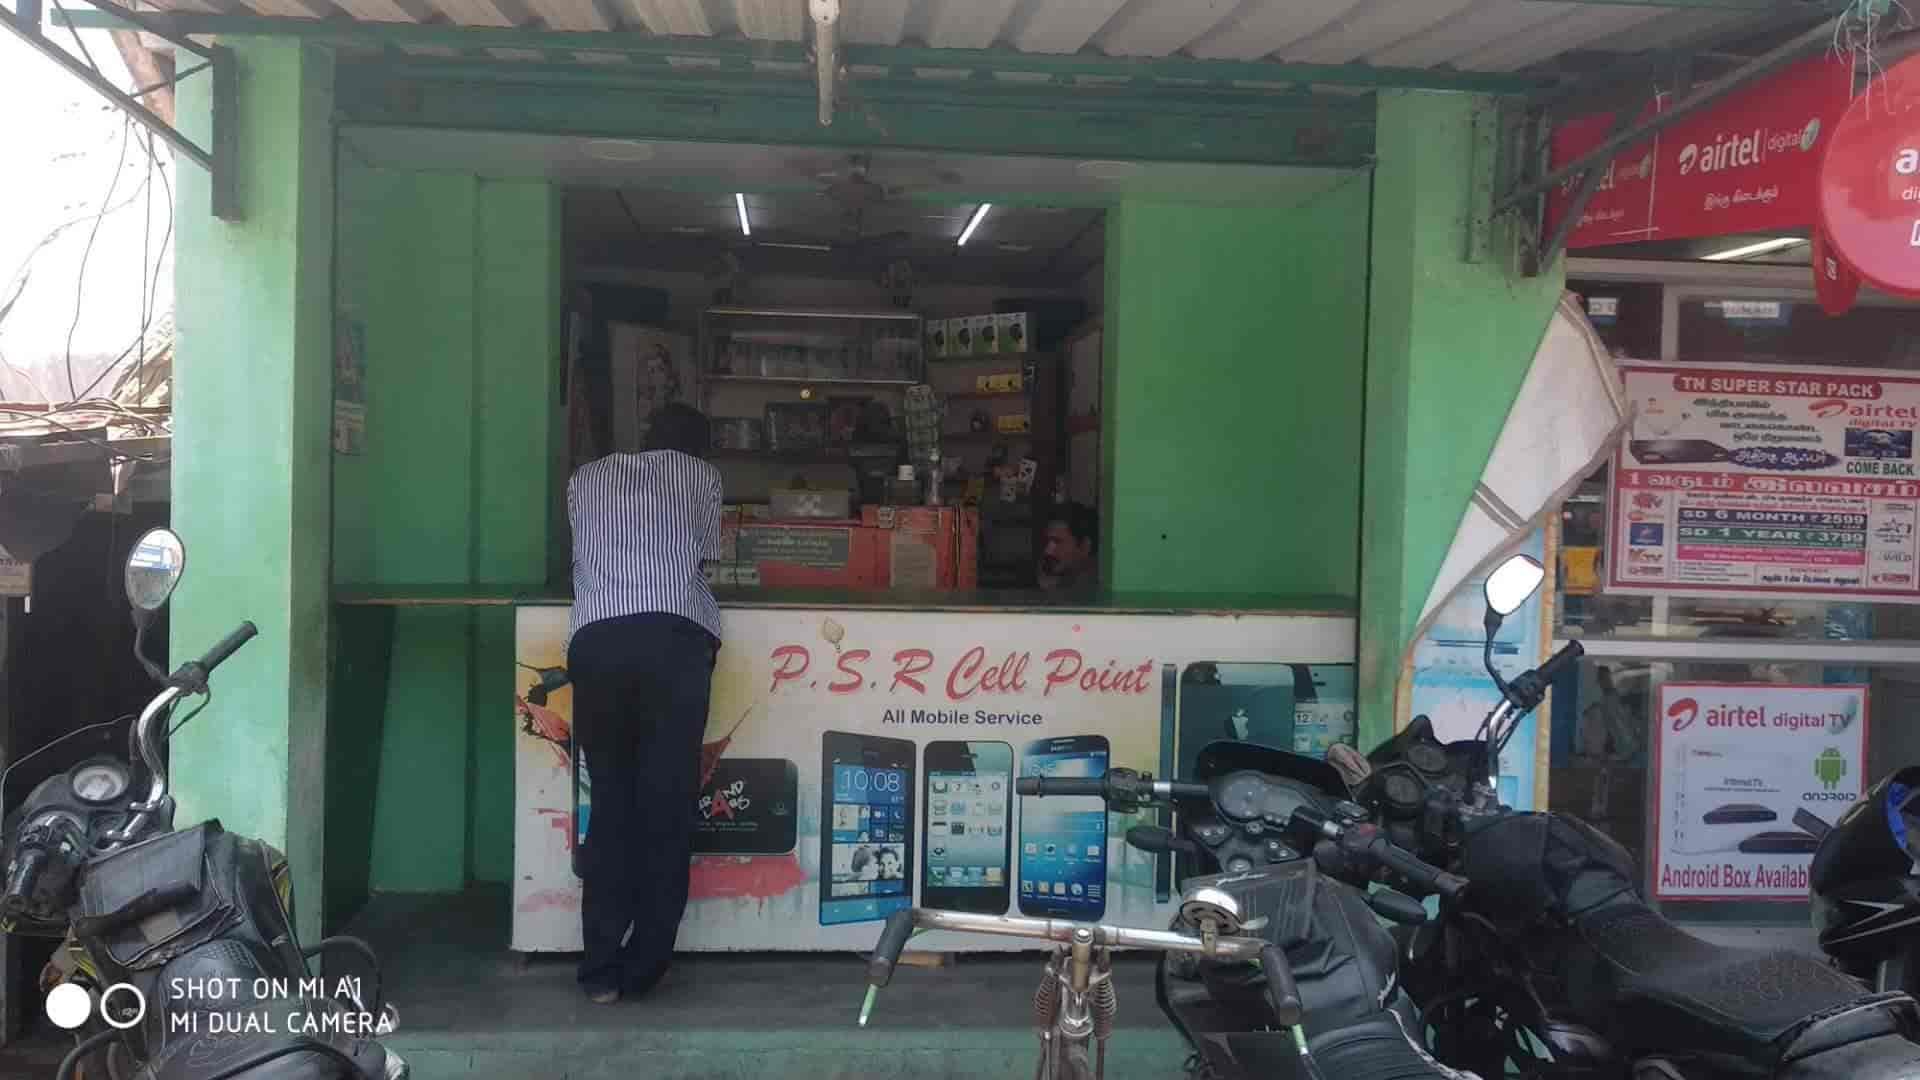 Psr Cell Point Photos, Kanchipuram HO, Kanchipuram- Pictures